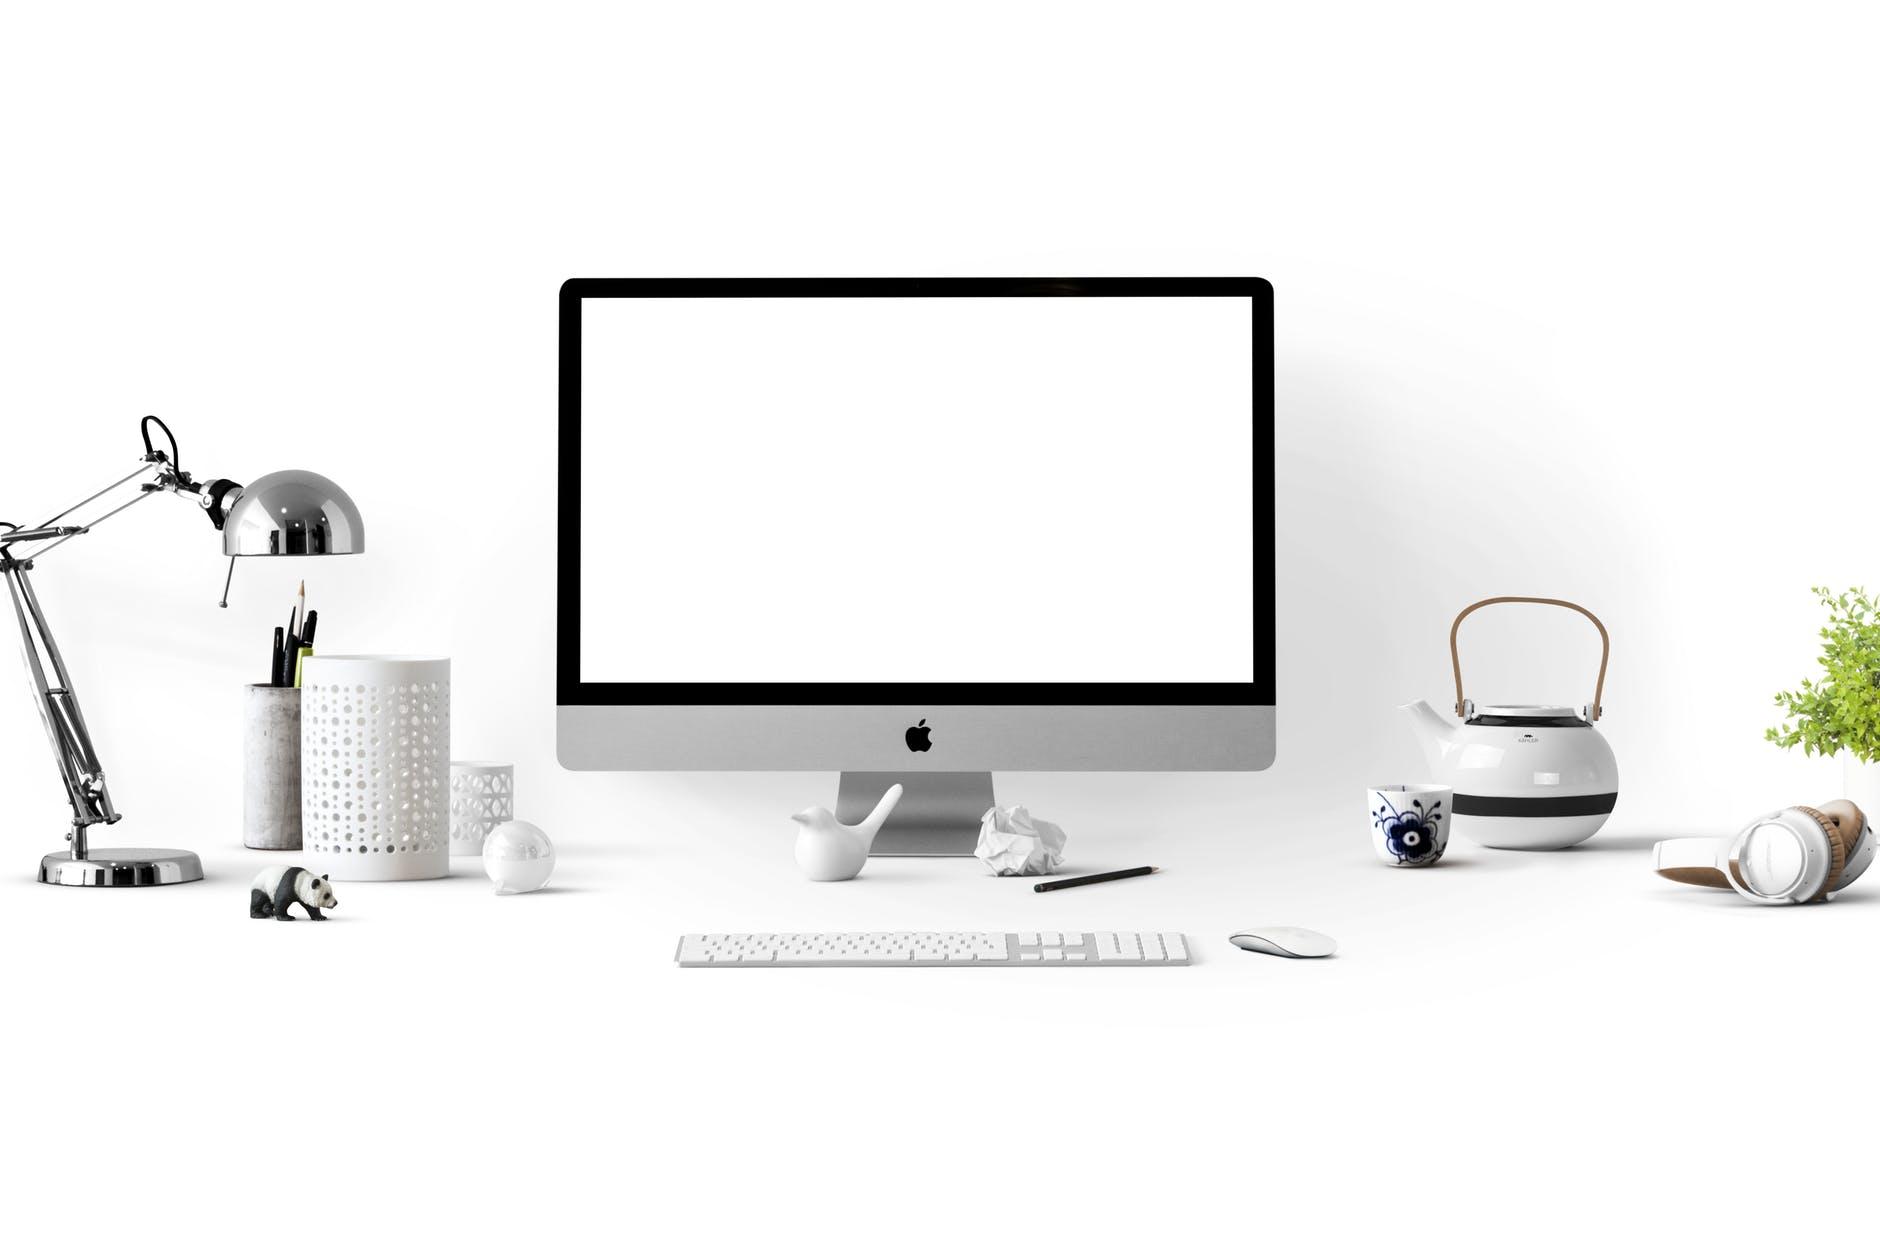 Vooruitblikken van Dlogic: De webdesign trends van 2019